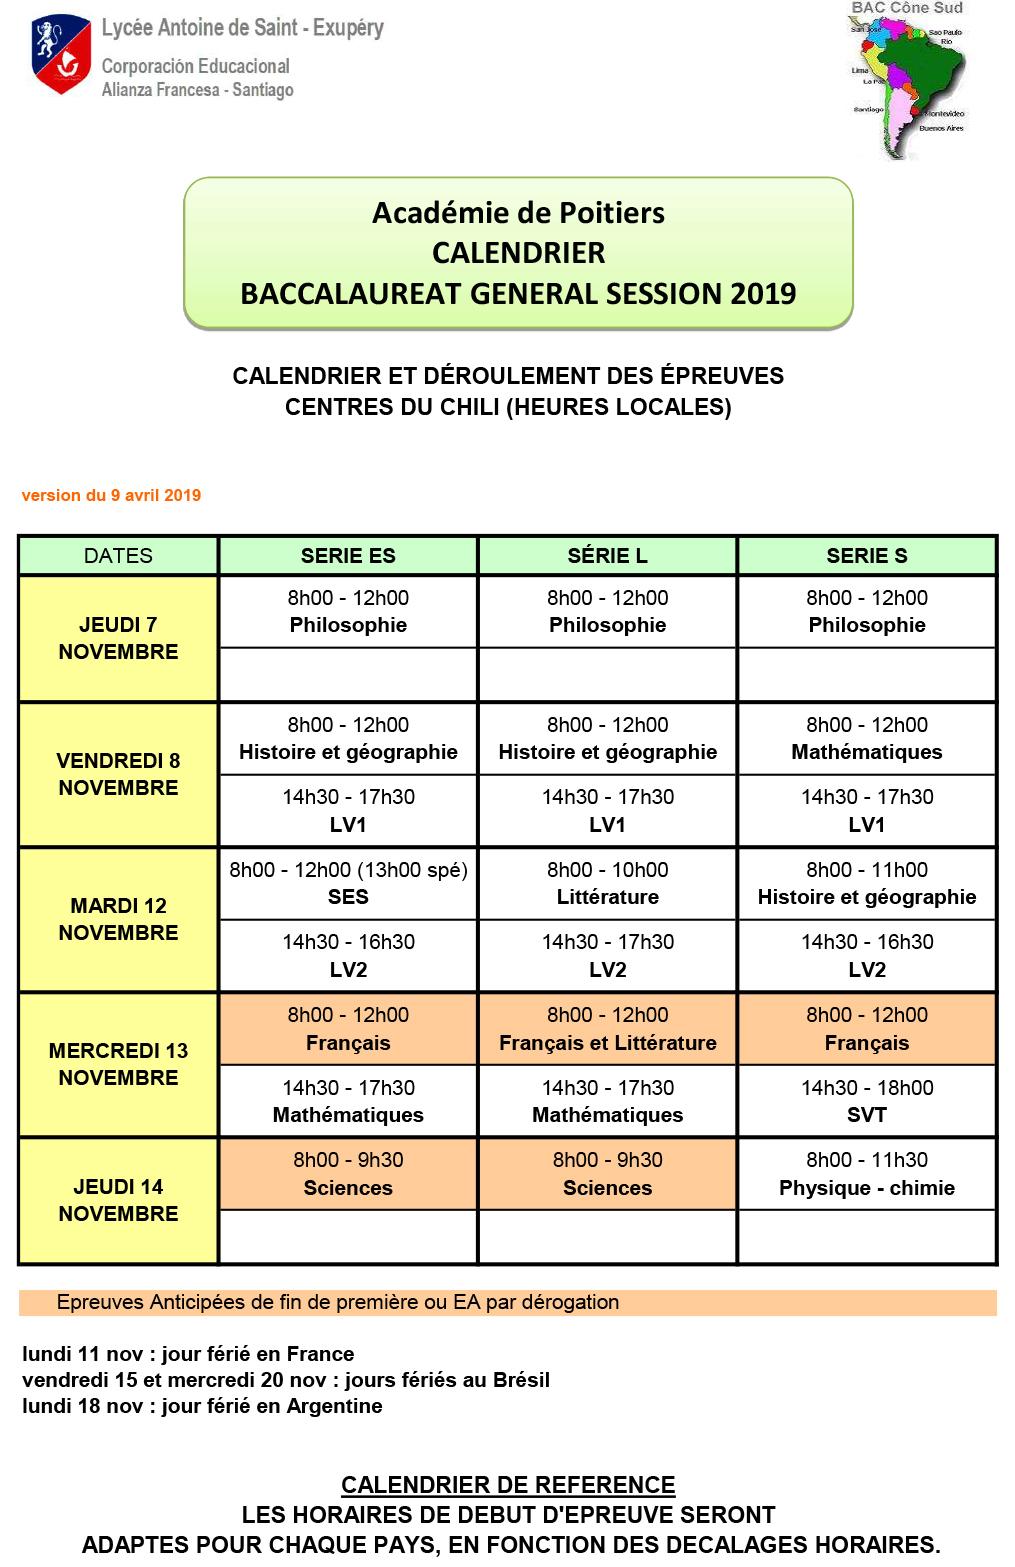 Calendrier Bac Es 2019.Calendrier Des Epreuves Du Bac Session 2019 Lafase